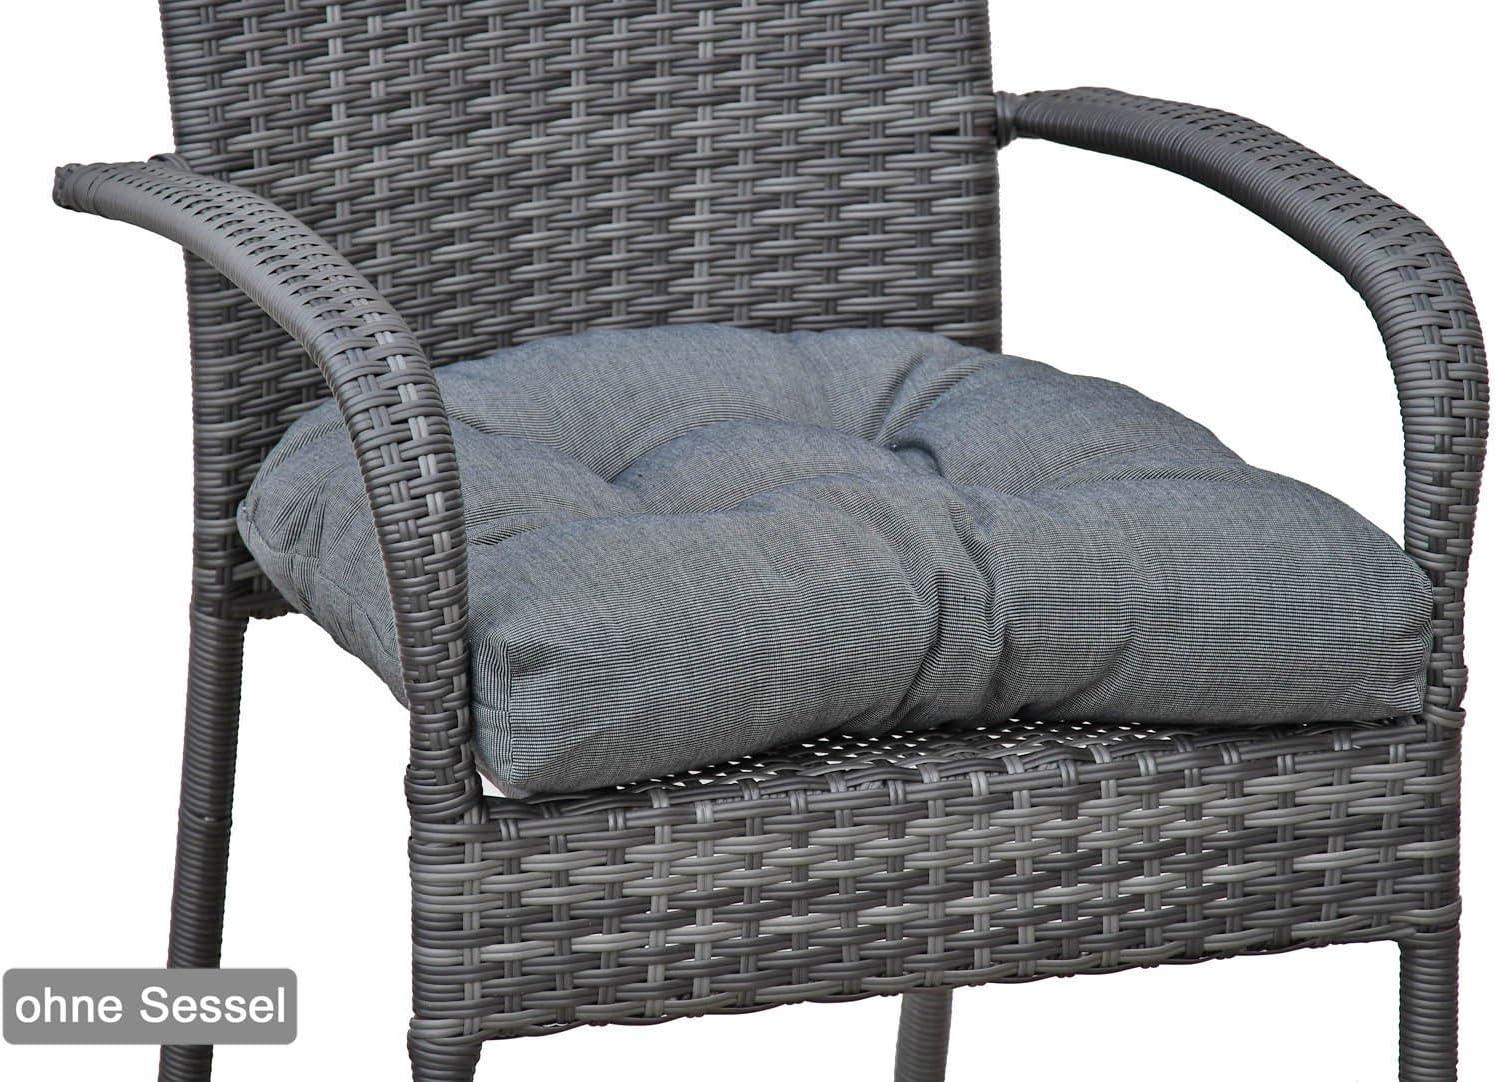 Nastri di Fissaggio Foam Core EU Disegno:Fenicottero /ÖkoTex100 Diluma Cuscino per Sedia da Giardino con Schienale Basso Naxos 98 x 49 x 6 cm Quantit/à:x1